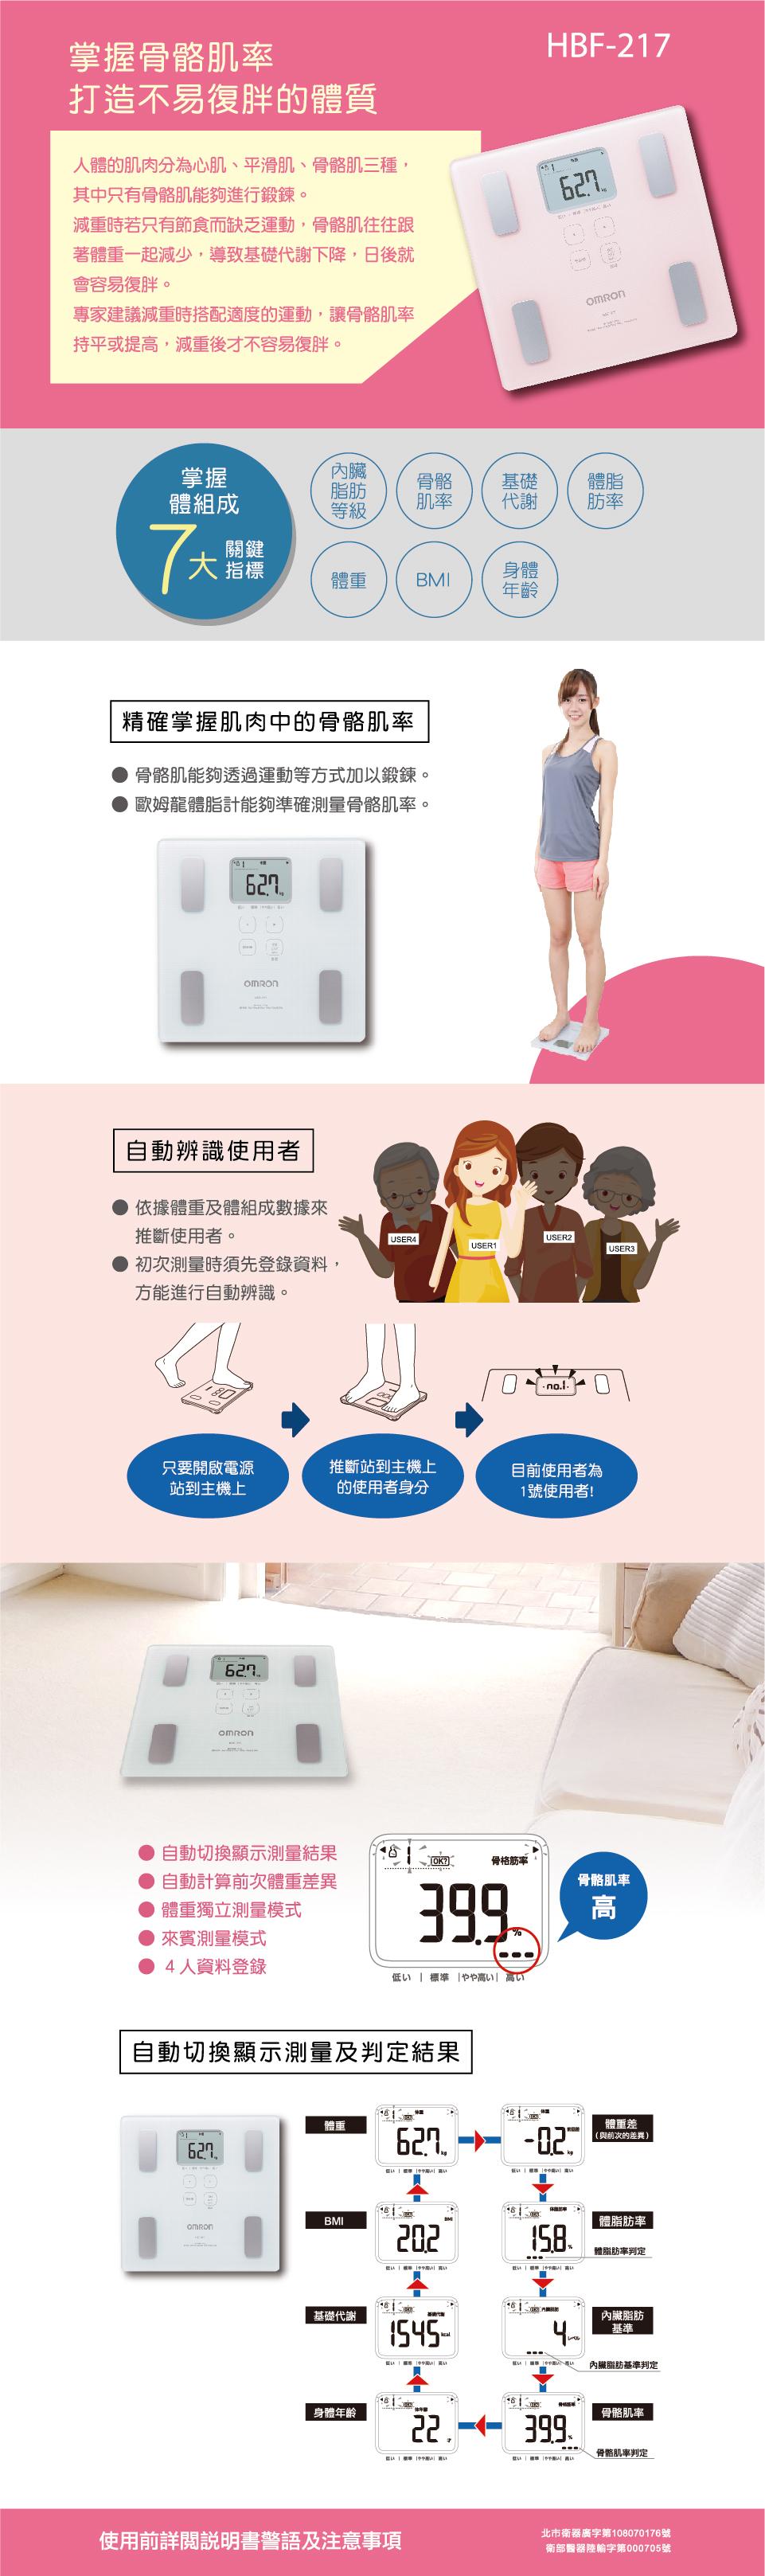 HBF-217網購平台商品頁(OL)resize-01